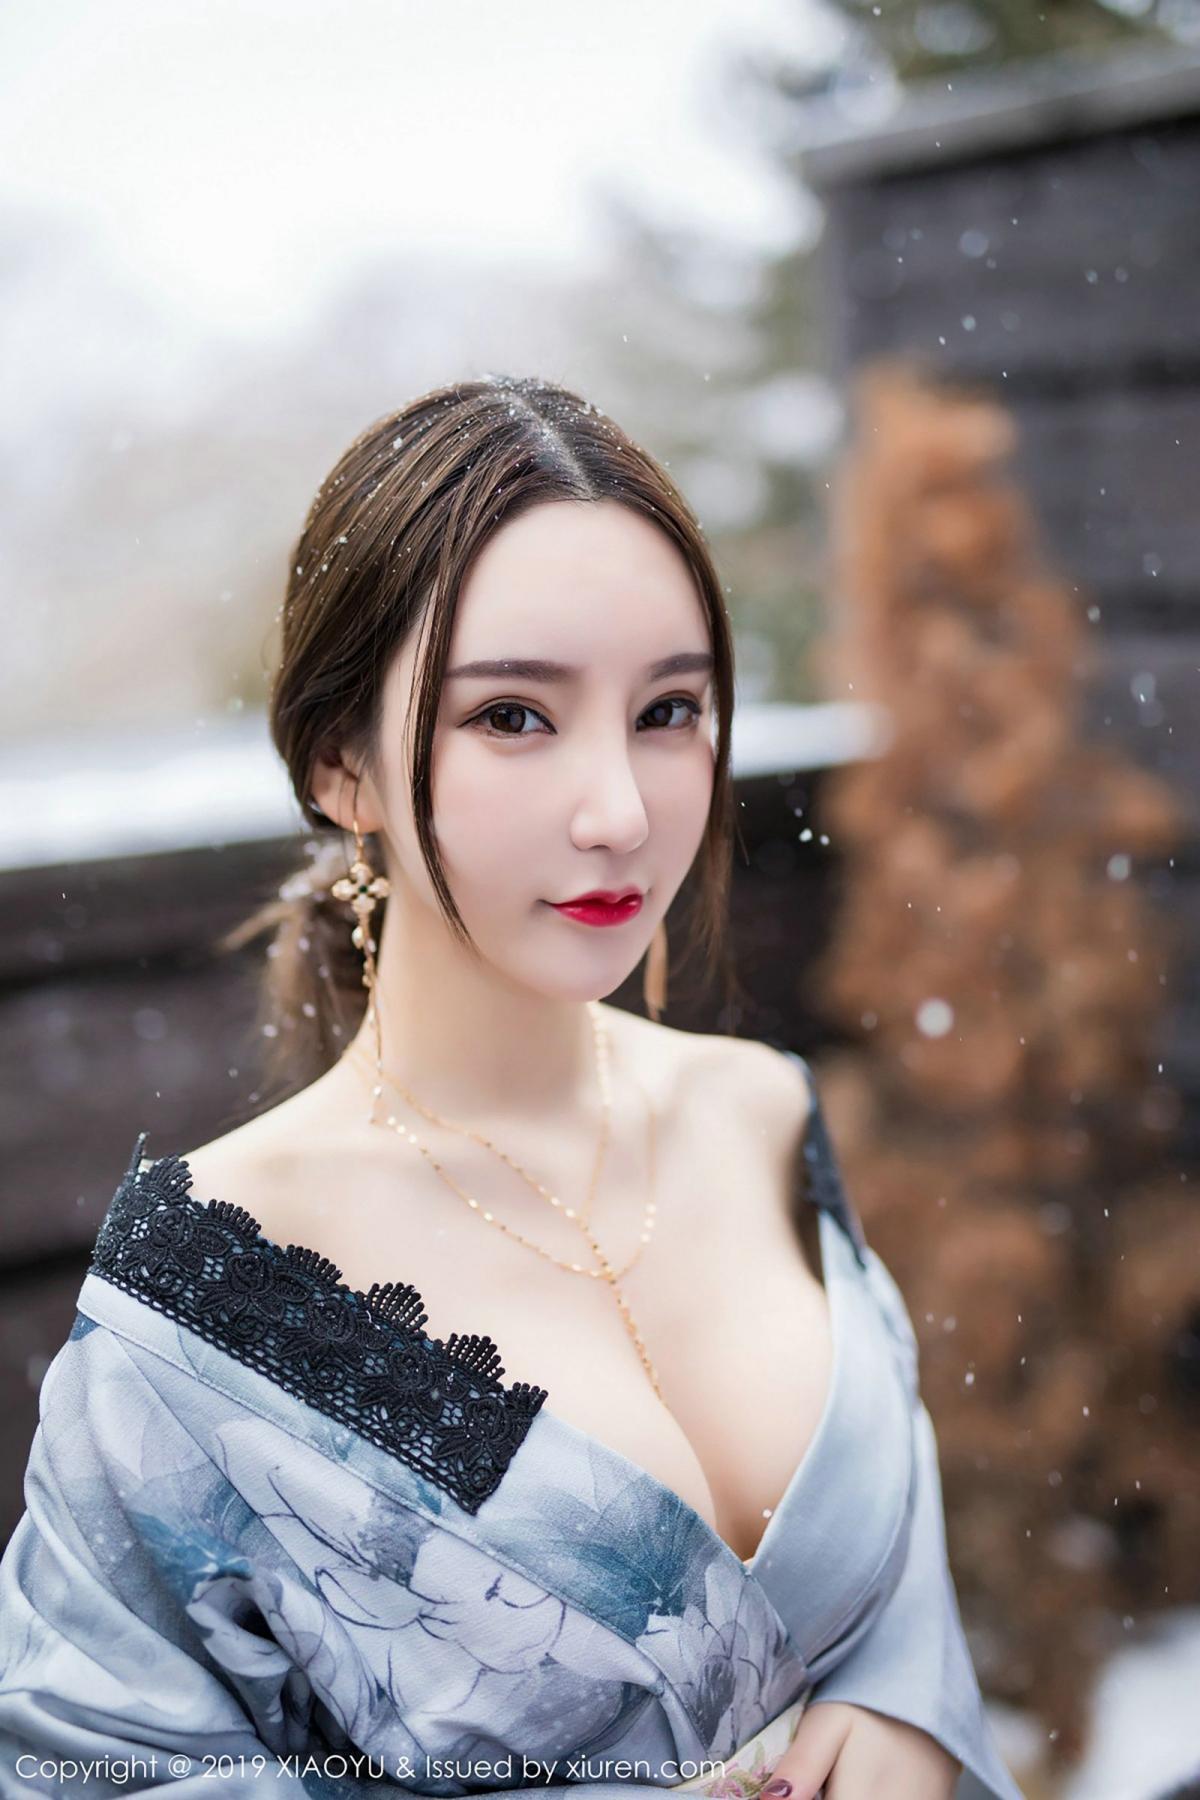 [XiaoYu] Vol.007 Zhou Yu Xi 35P, Snow, Tall, XiaoYu, Zhou Yu Xi